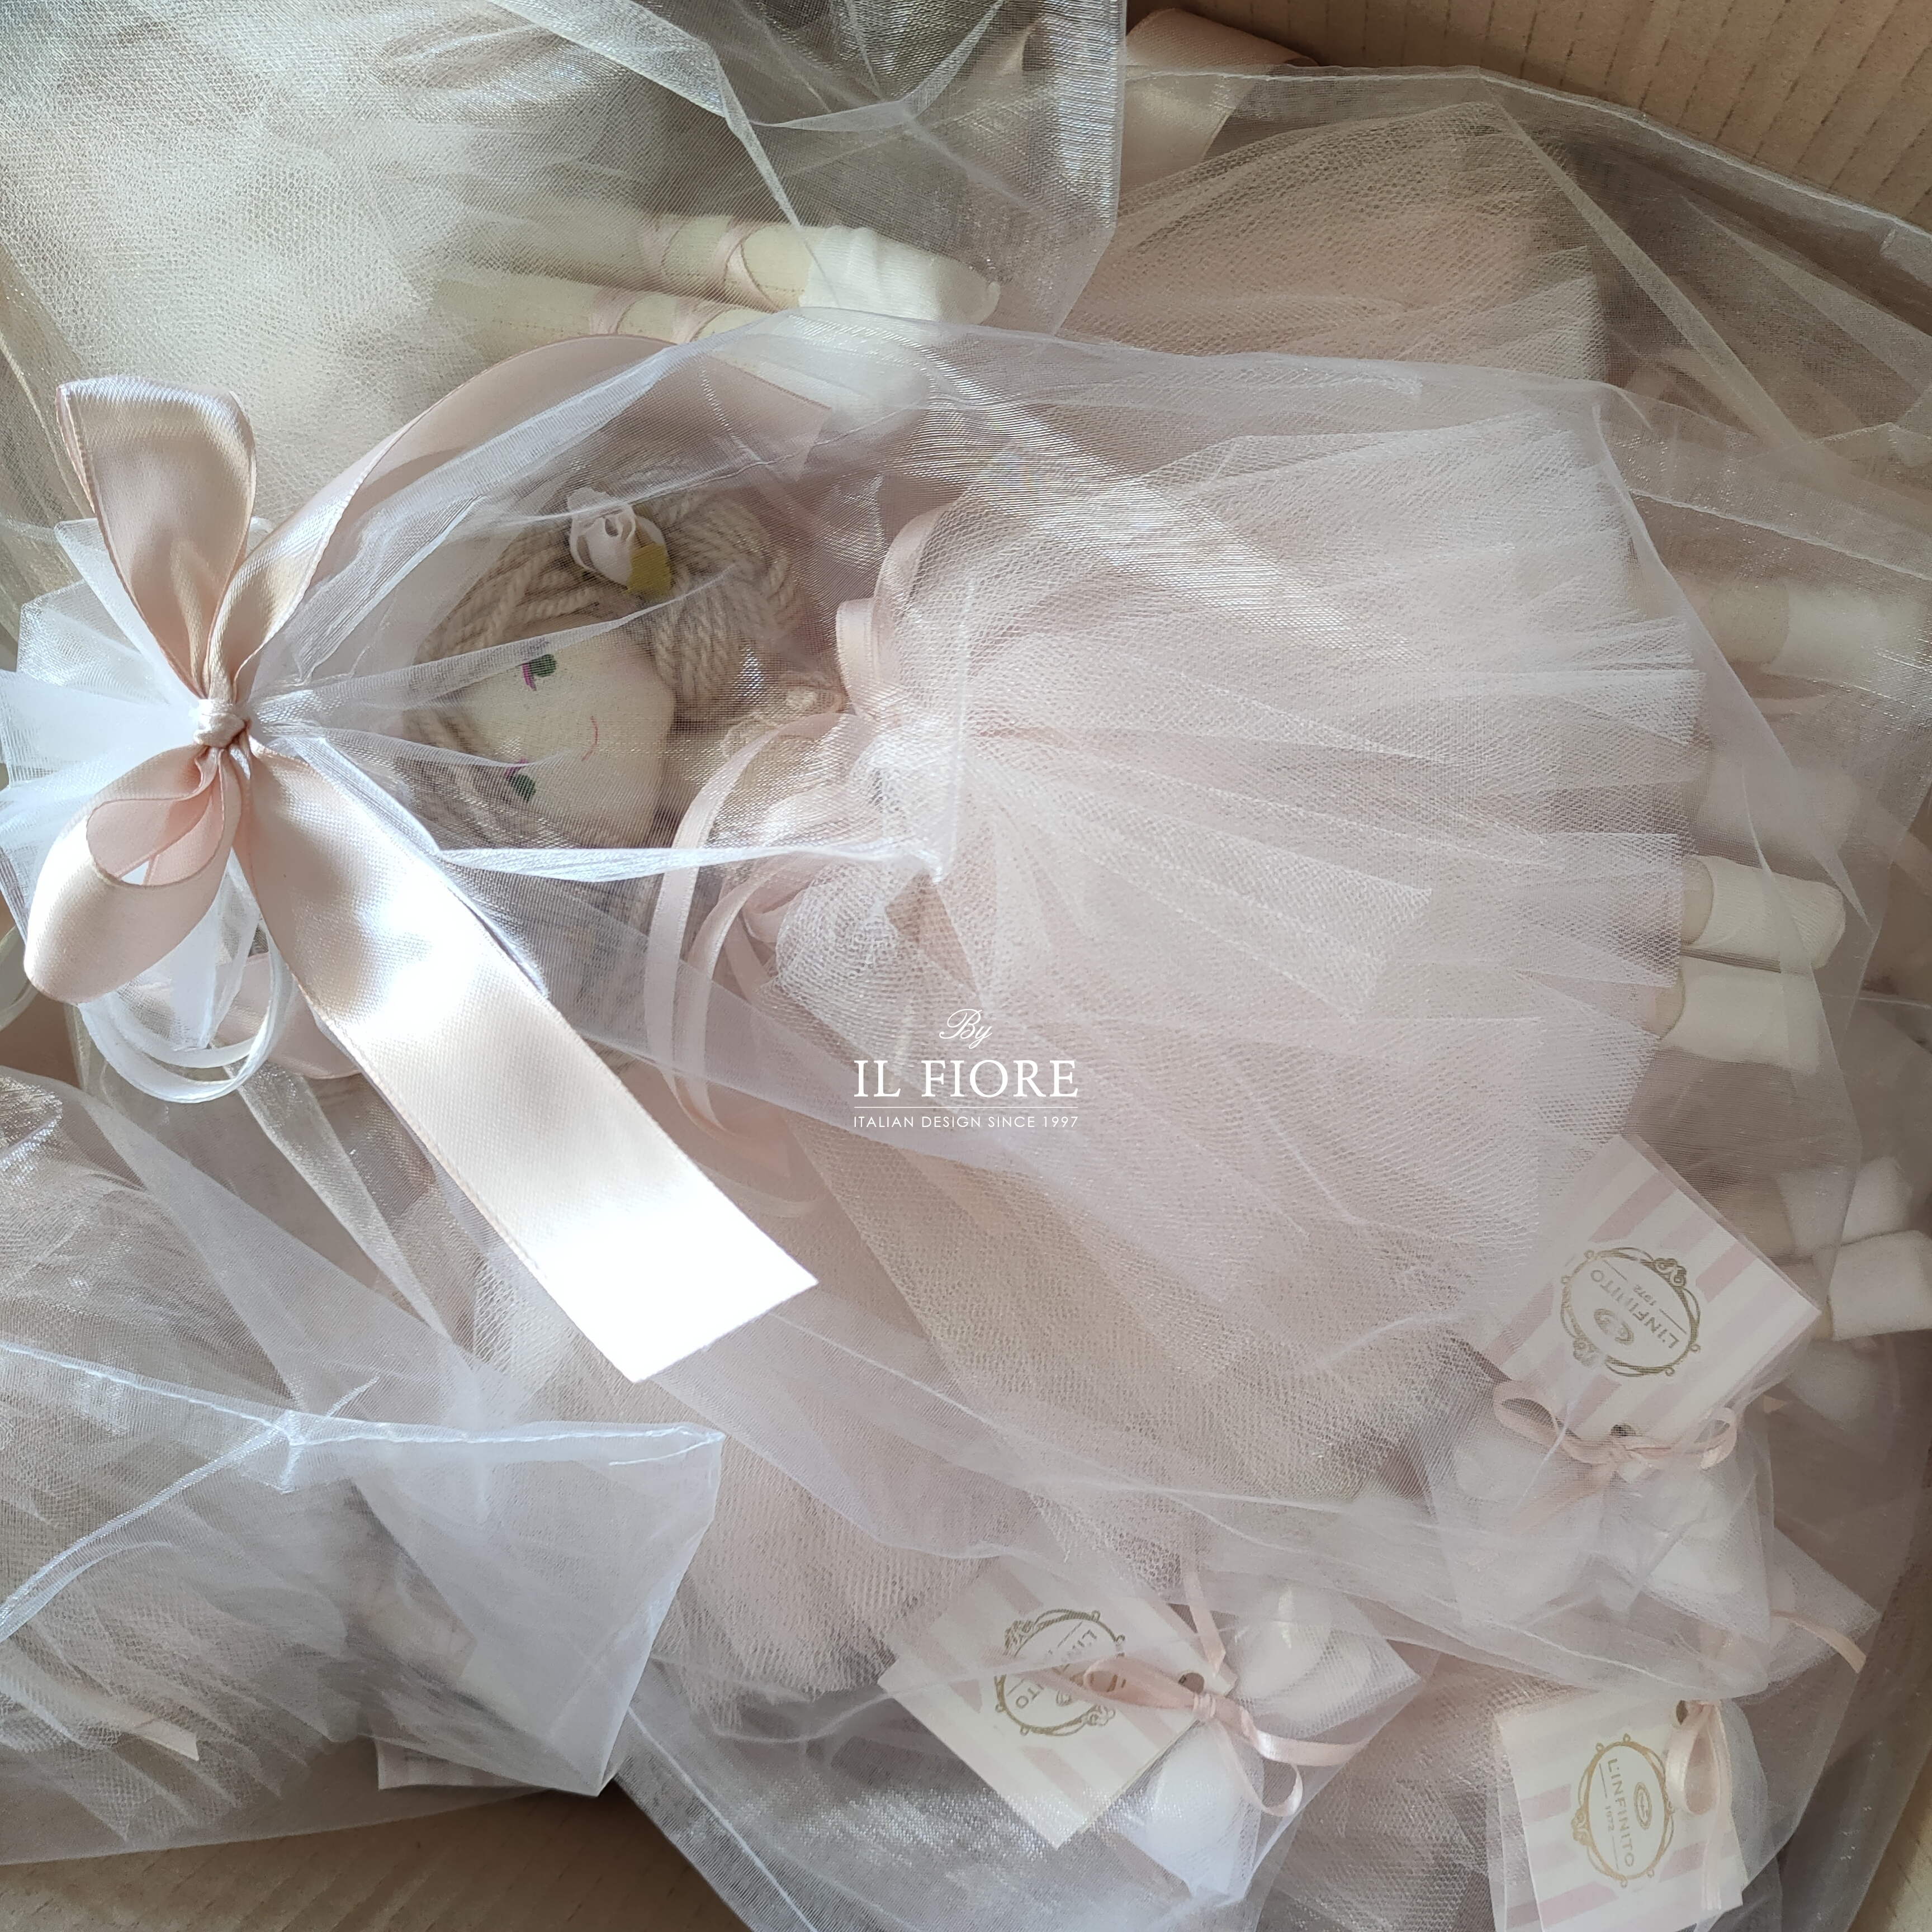 Foto dimostrativa confezione sacchetto in organza thumb